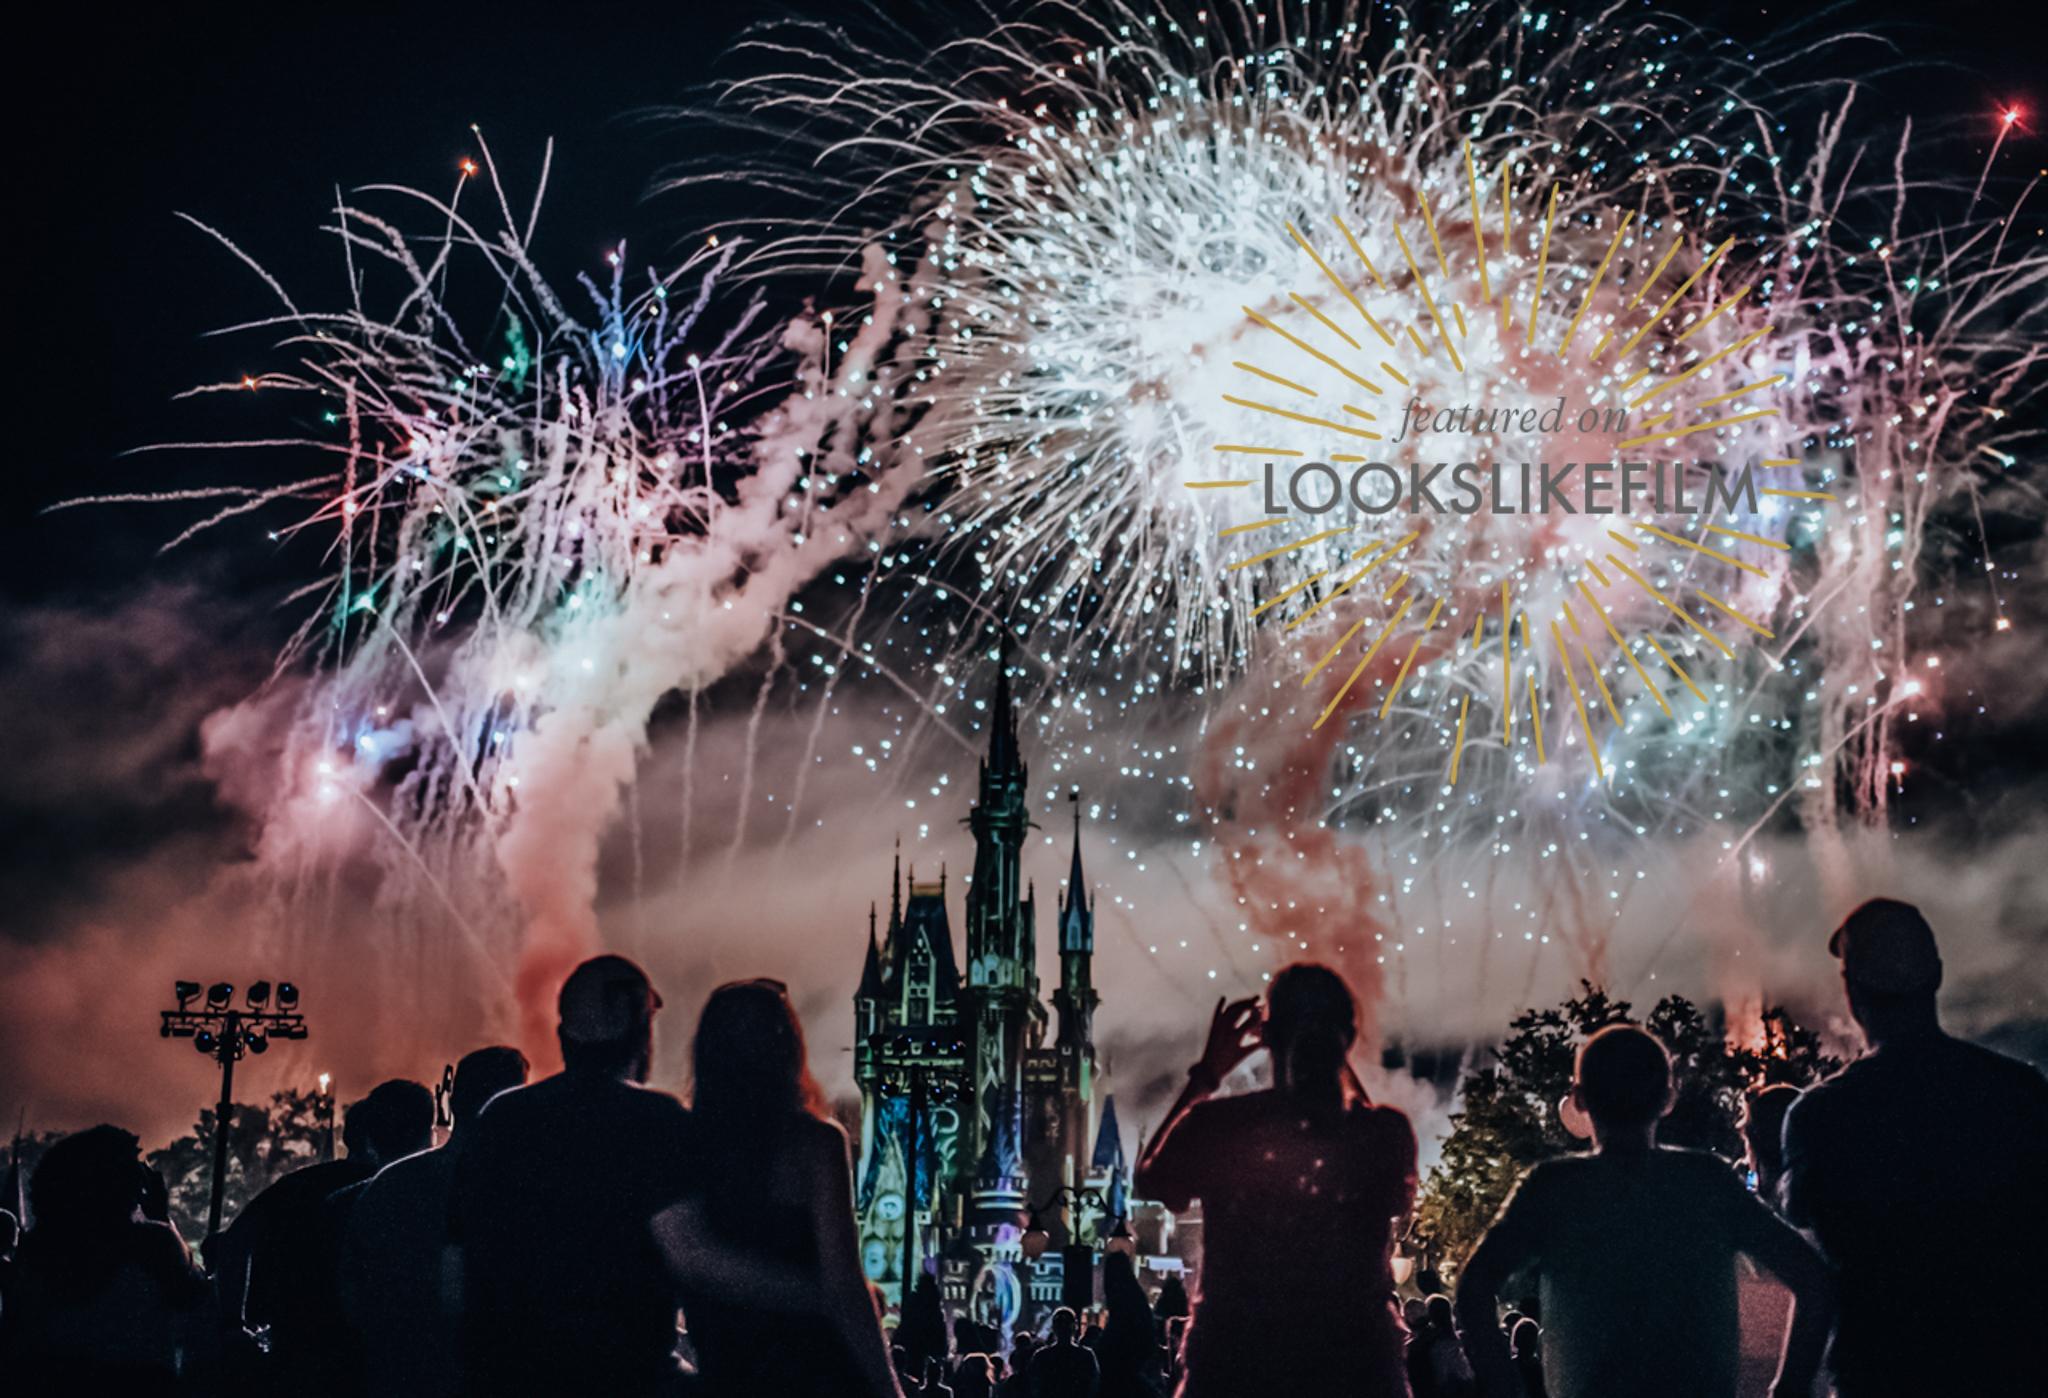 Disneyworld LooksLikeFilm